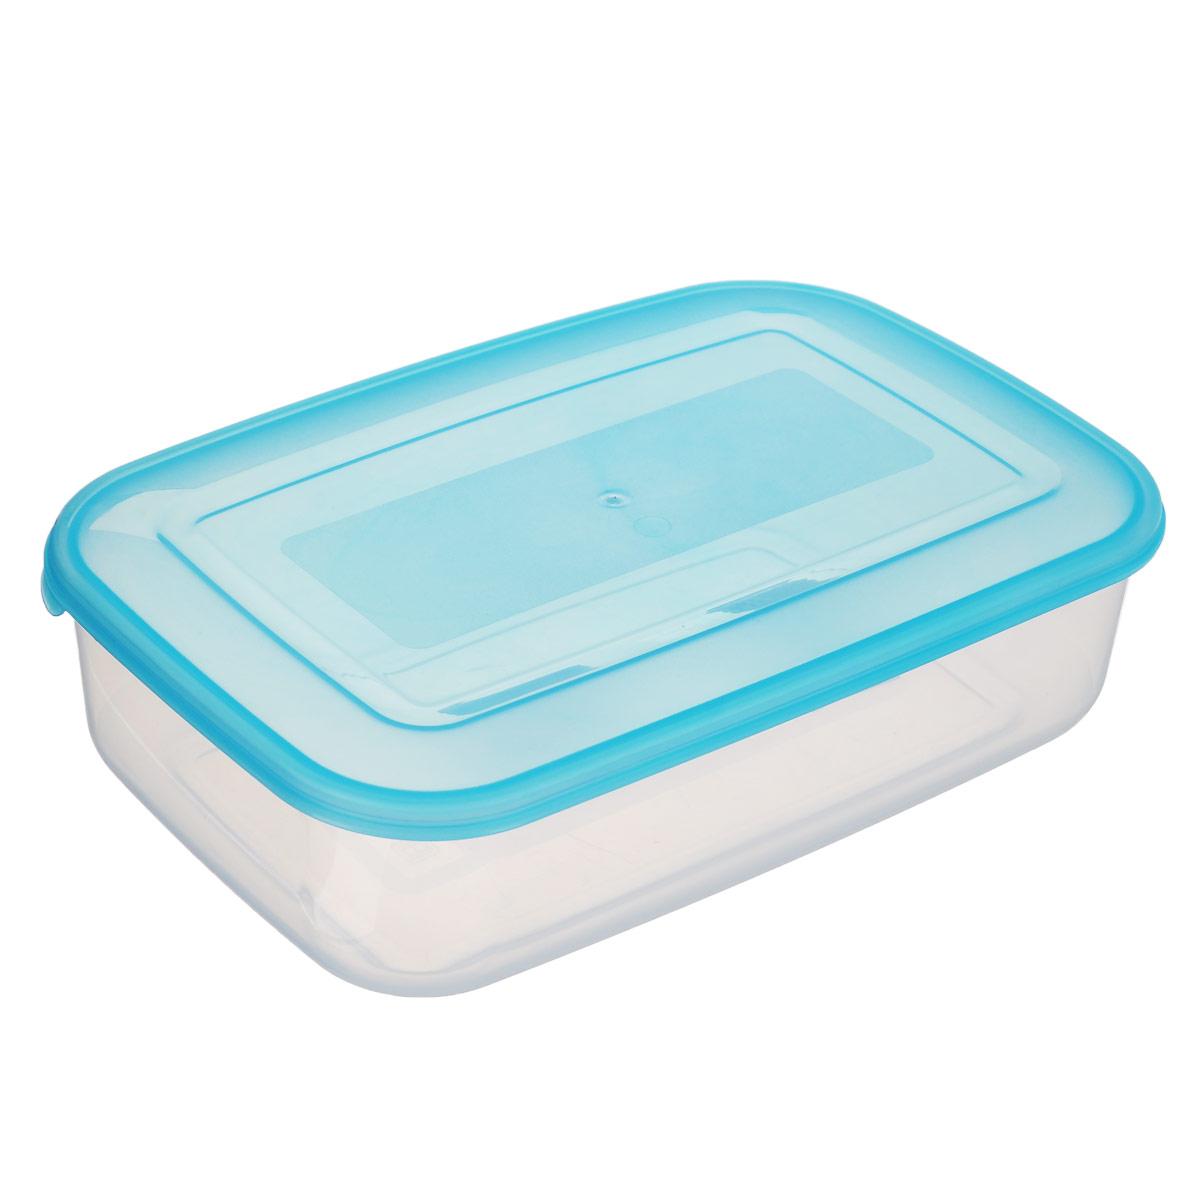 Контейнер пищевой Бытпласт Прима, цвет: голубой, прозрачный, 1,3 лС11007_голубой, прозрачныйКонтейнер Бытпласт Прима изготовлен из высококачественного полипропилена и не содержит Бисфенол А. Крышка легко и плотно закрывается. Контейнер устойчив к воздействию масел и жиров, легко моется.Подходит для использования в микроволновых печах, его можно мыть в посудомоечной машине.Объем контейнера: 1,3 л.